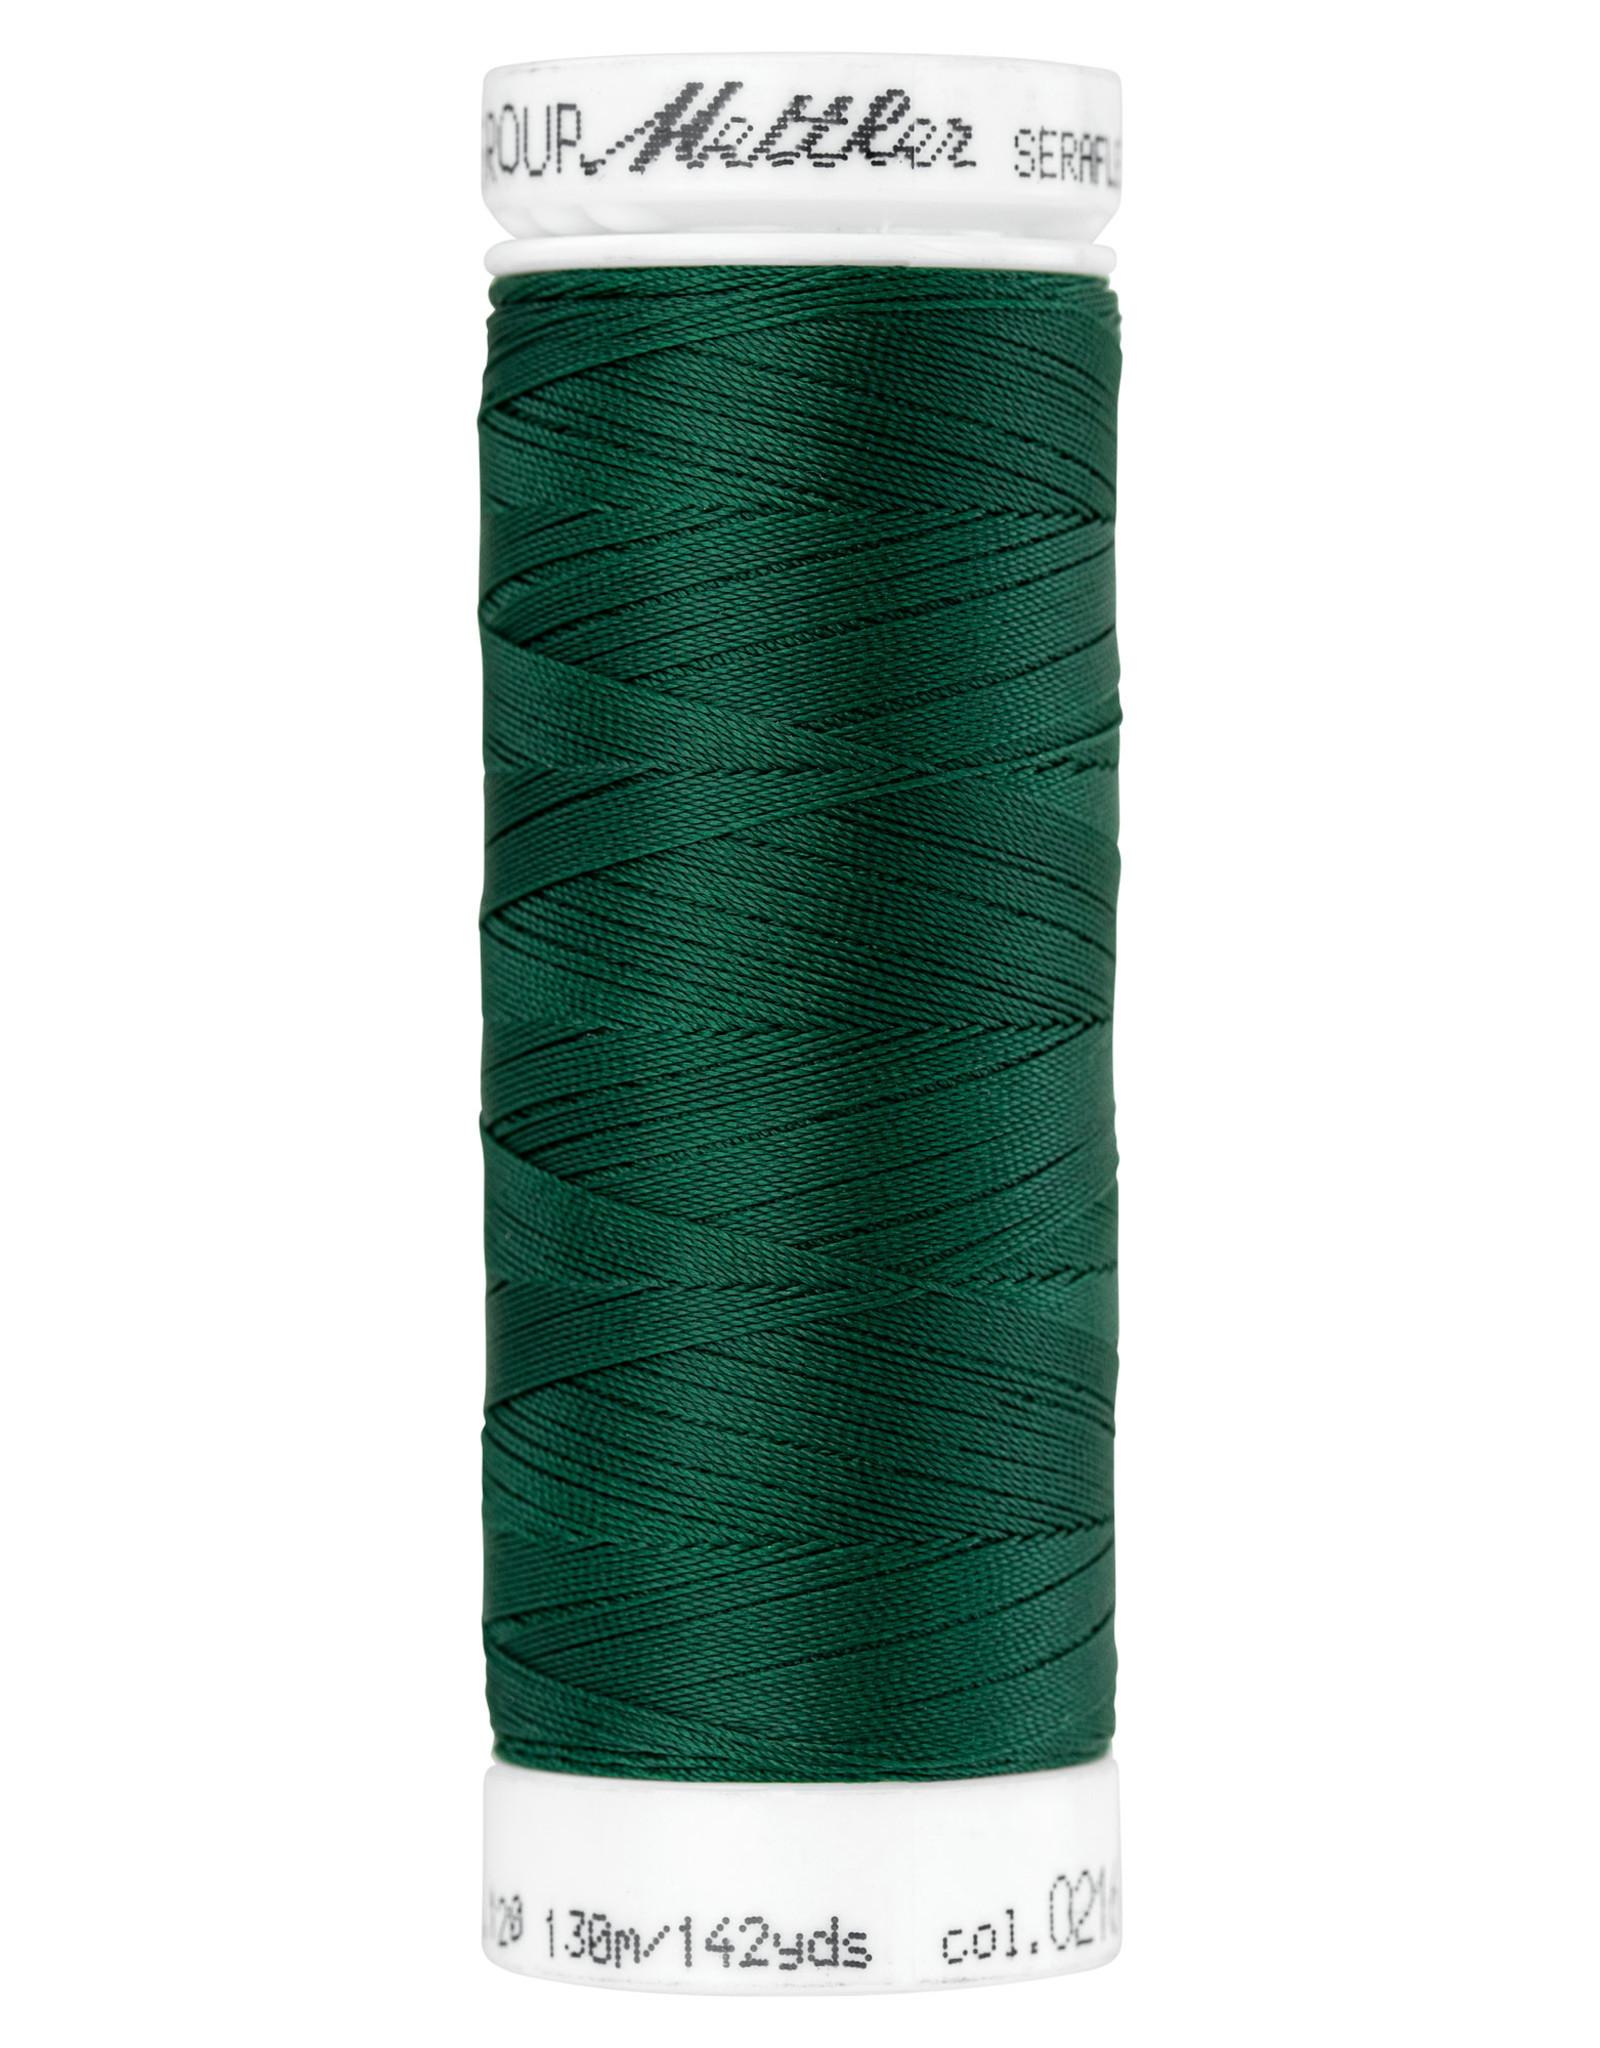 Mettler SERAFLEX elastisch naaigaren 120 130m/142yds nr 216